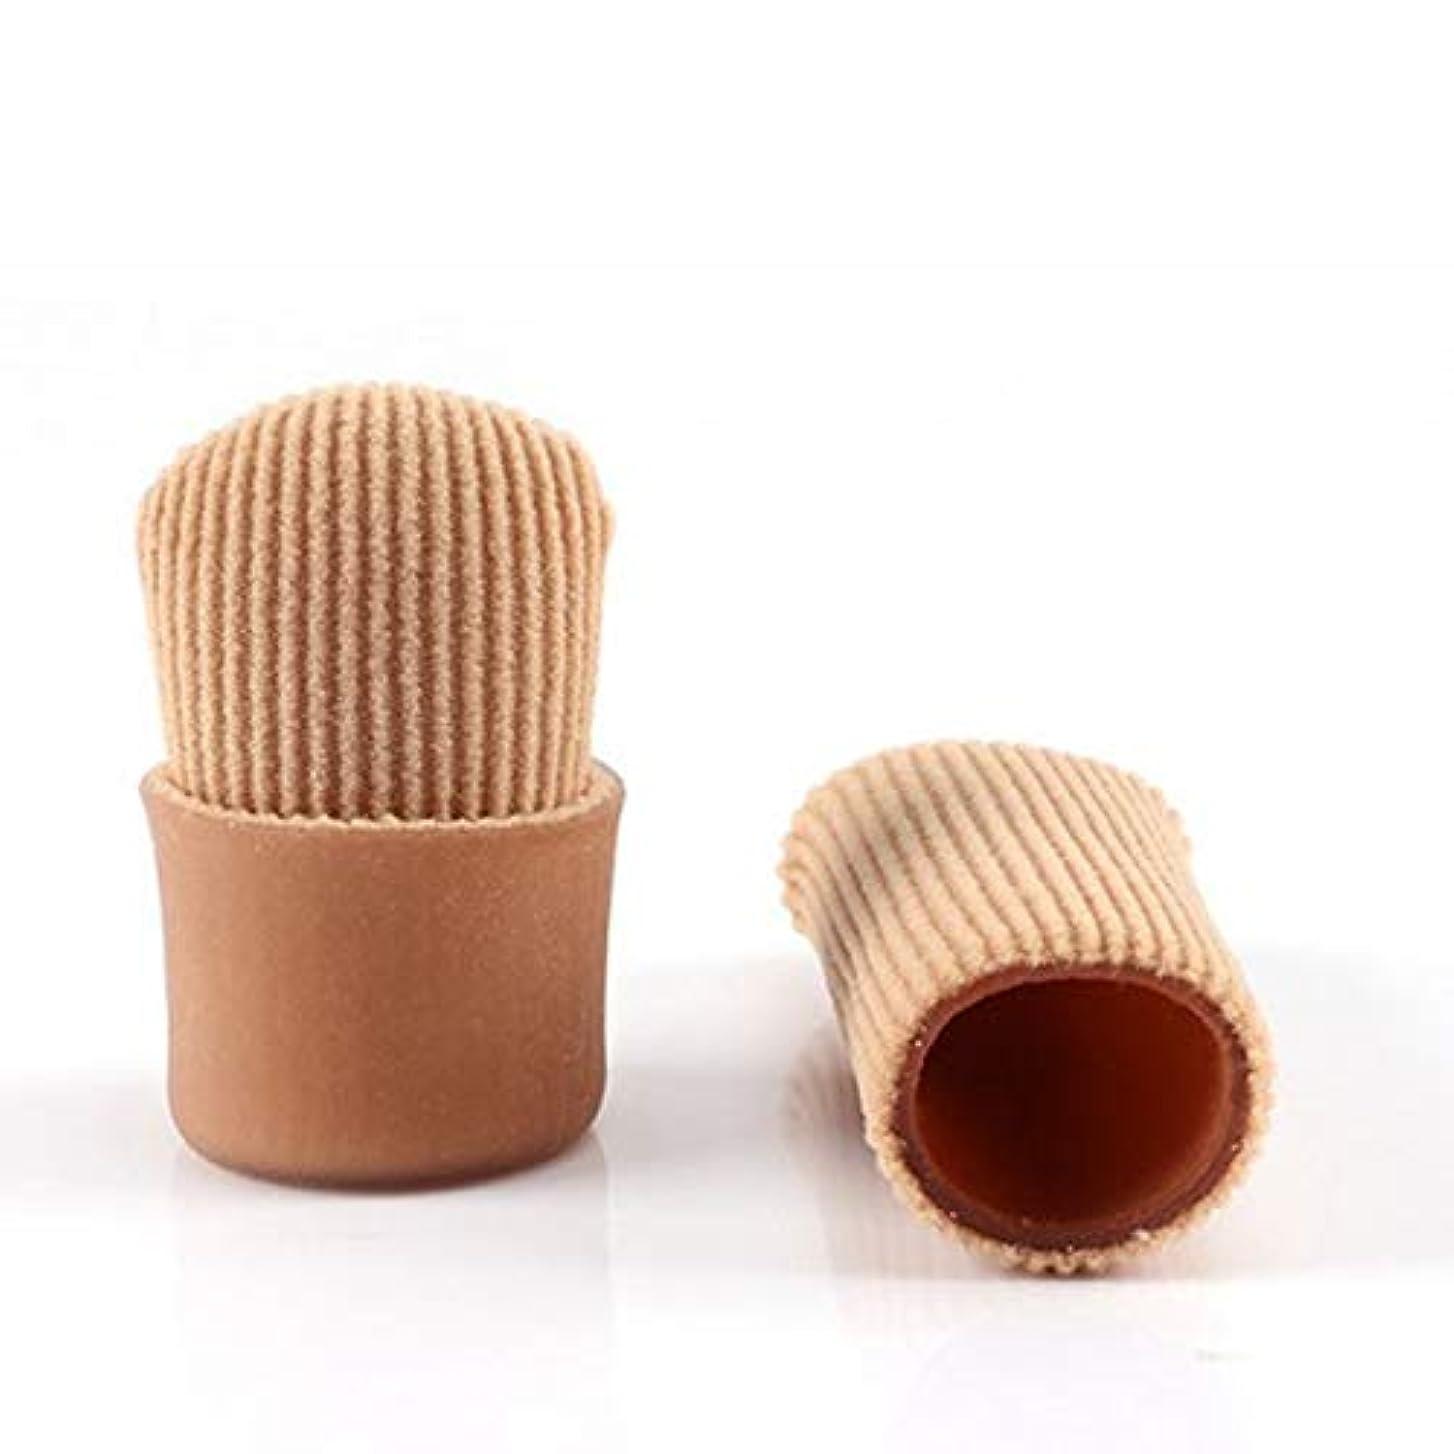 魅力的デッドロック平手打ちOpen Toe Tubes Gel Lined Fabric Sleeve Protectors To Prevent Corns, Calluses And Blisters While Softening And...